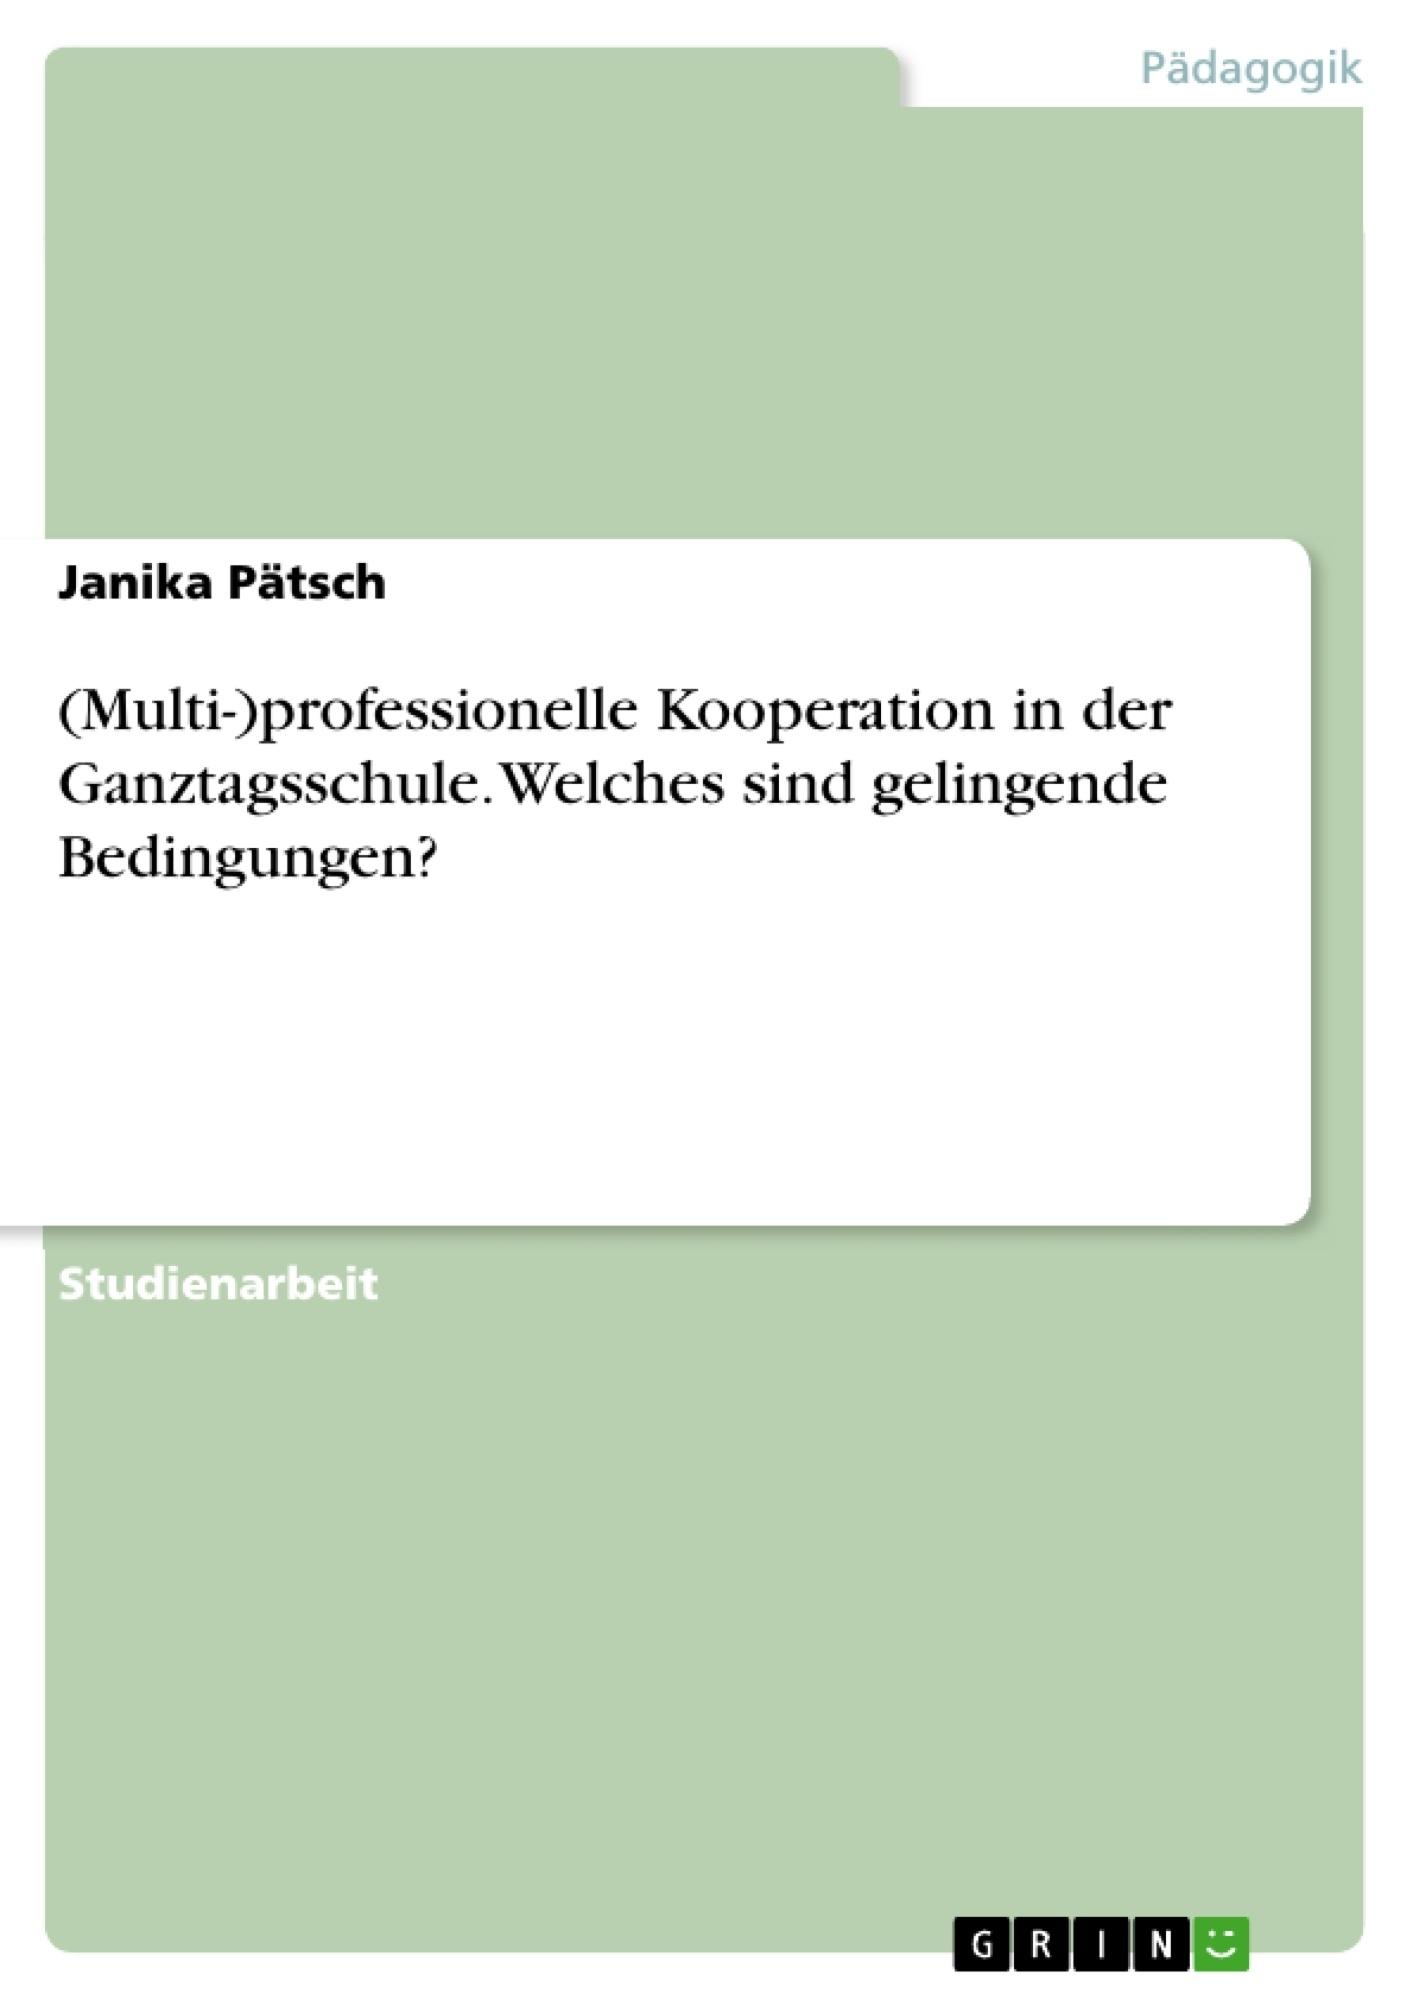 Titel: (Multi-)professionelle Kooperation in der Ganztagsschule. Welches sind gelingende Bedingungen?